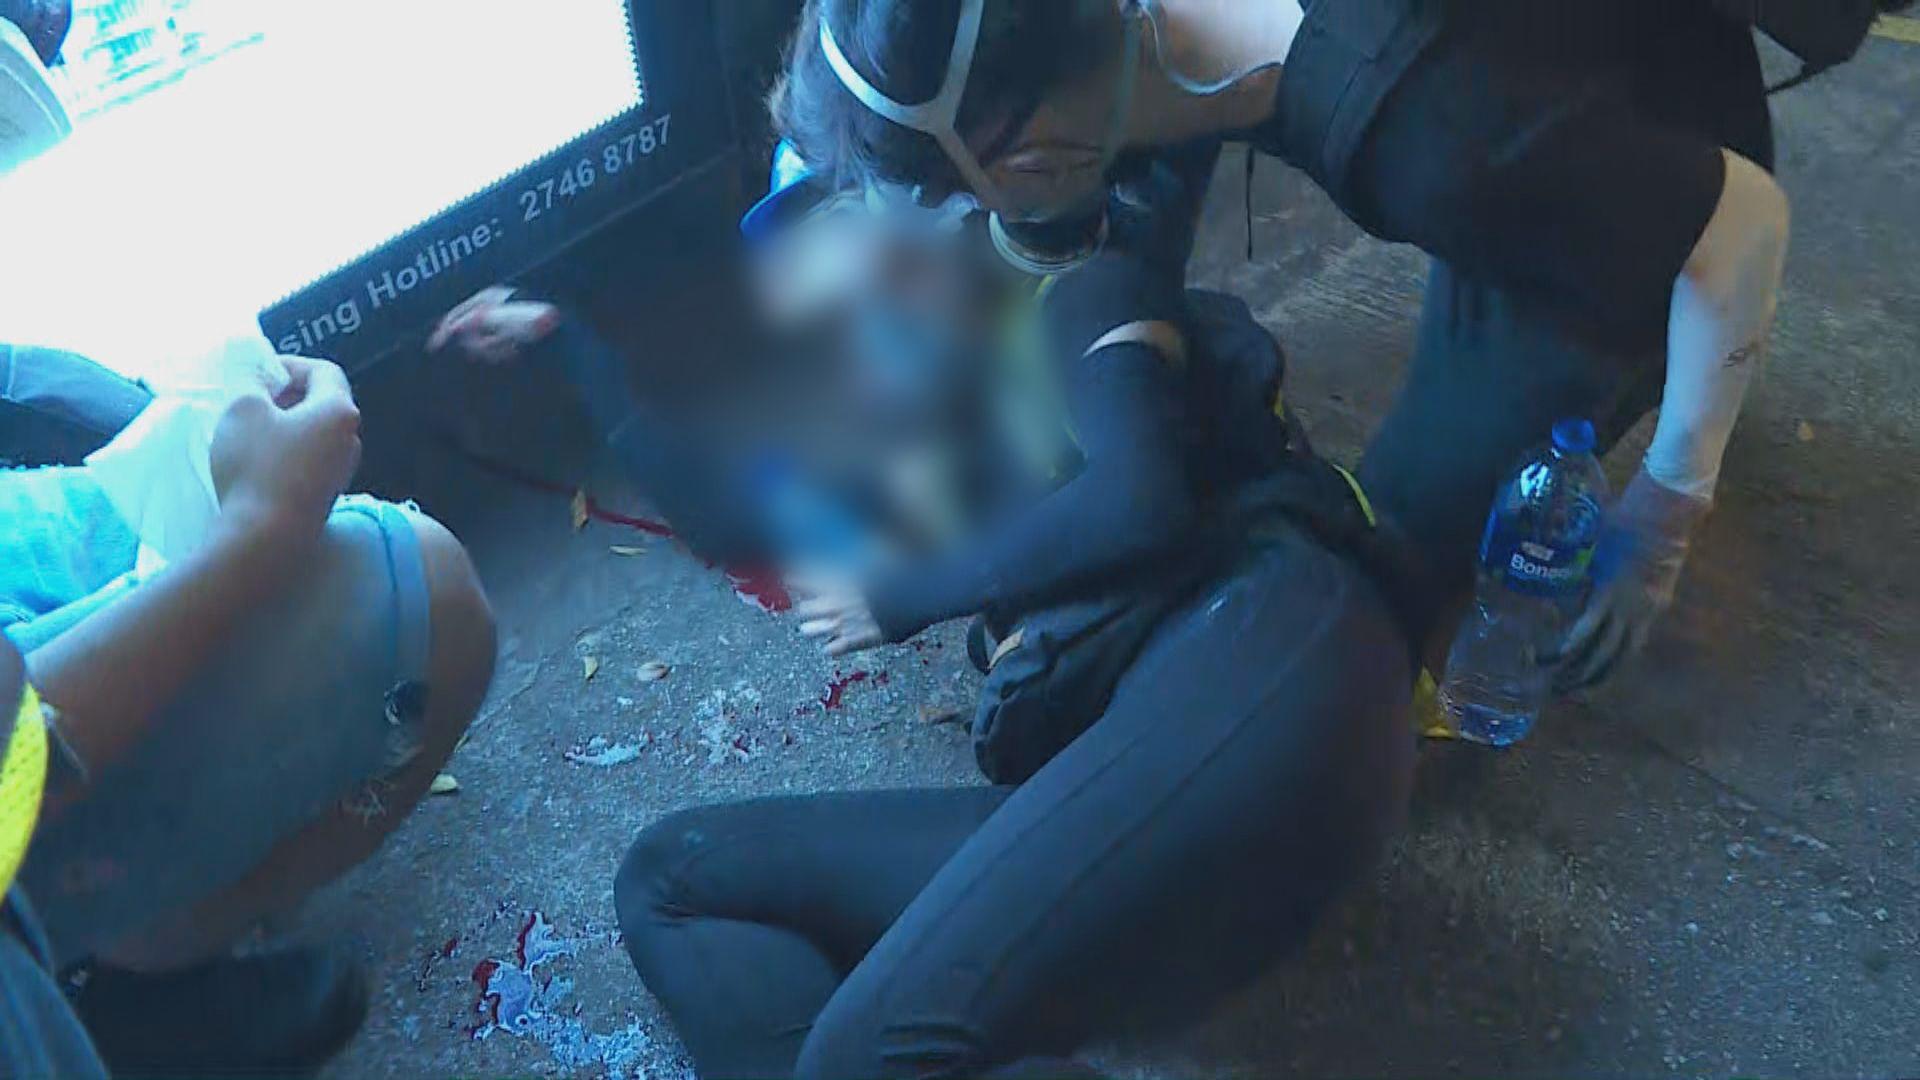 消息指彌敦道有女示威者中槍眼球破裂